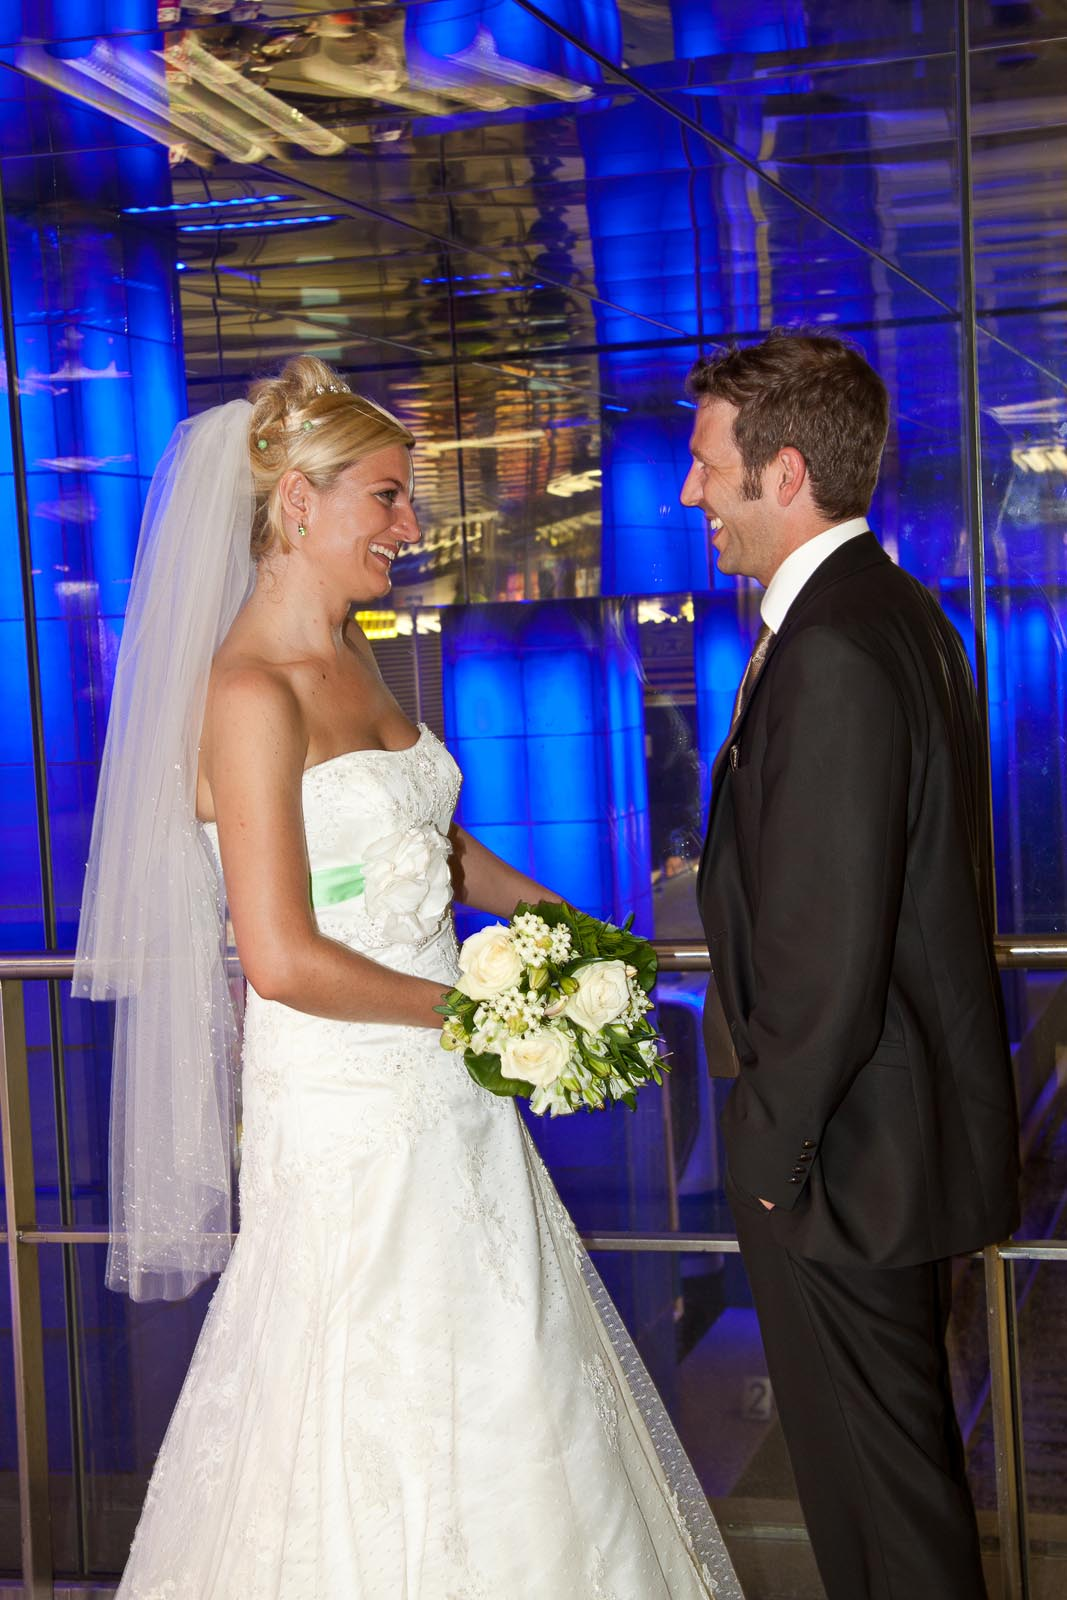 Hochzeitsportraits-Bindl-Hochzeitsportraits-Bindl-8908.jpg